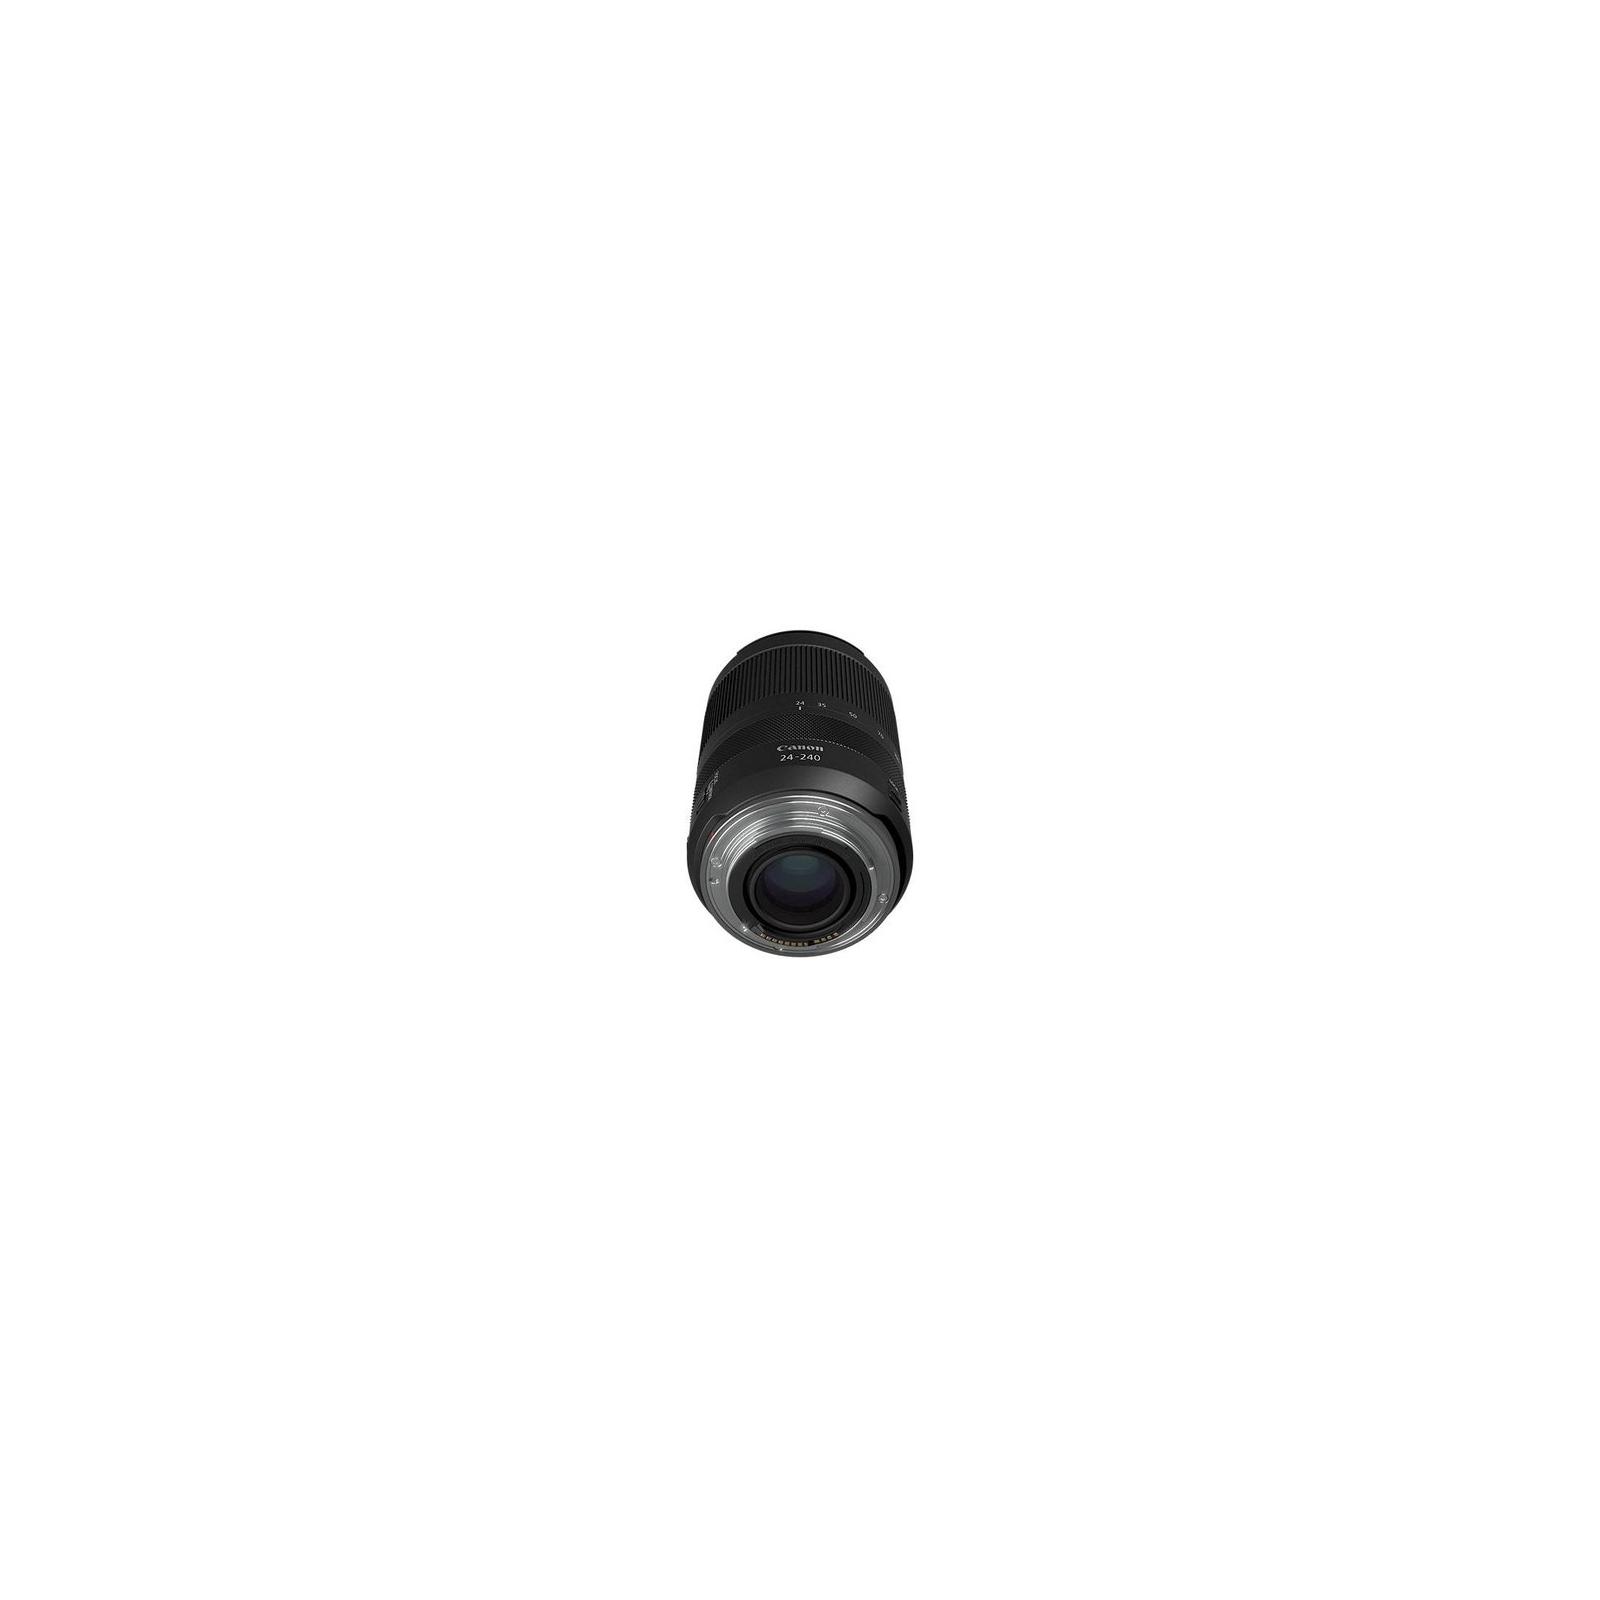 Объектив Canon RF 24-240mm f/4.0-6.3 IS USM (3684C005) изображение 10